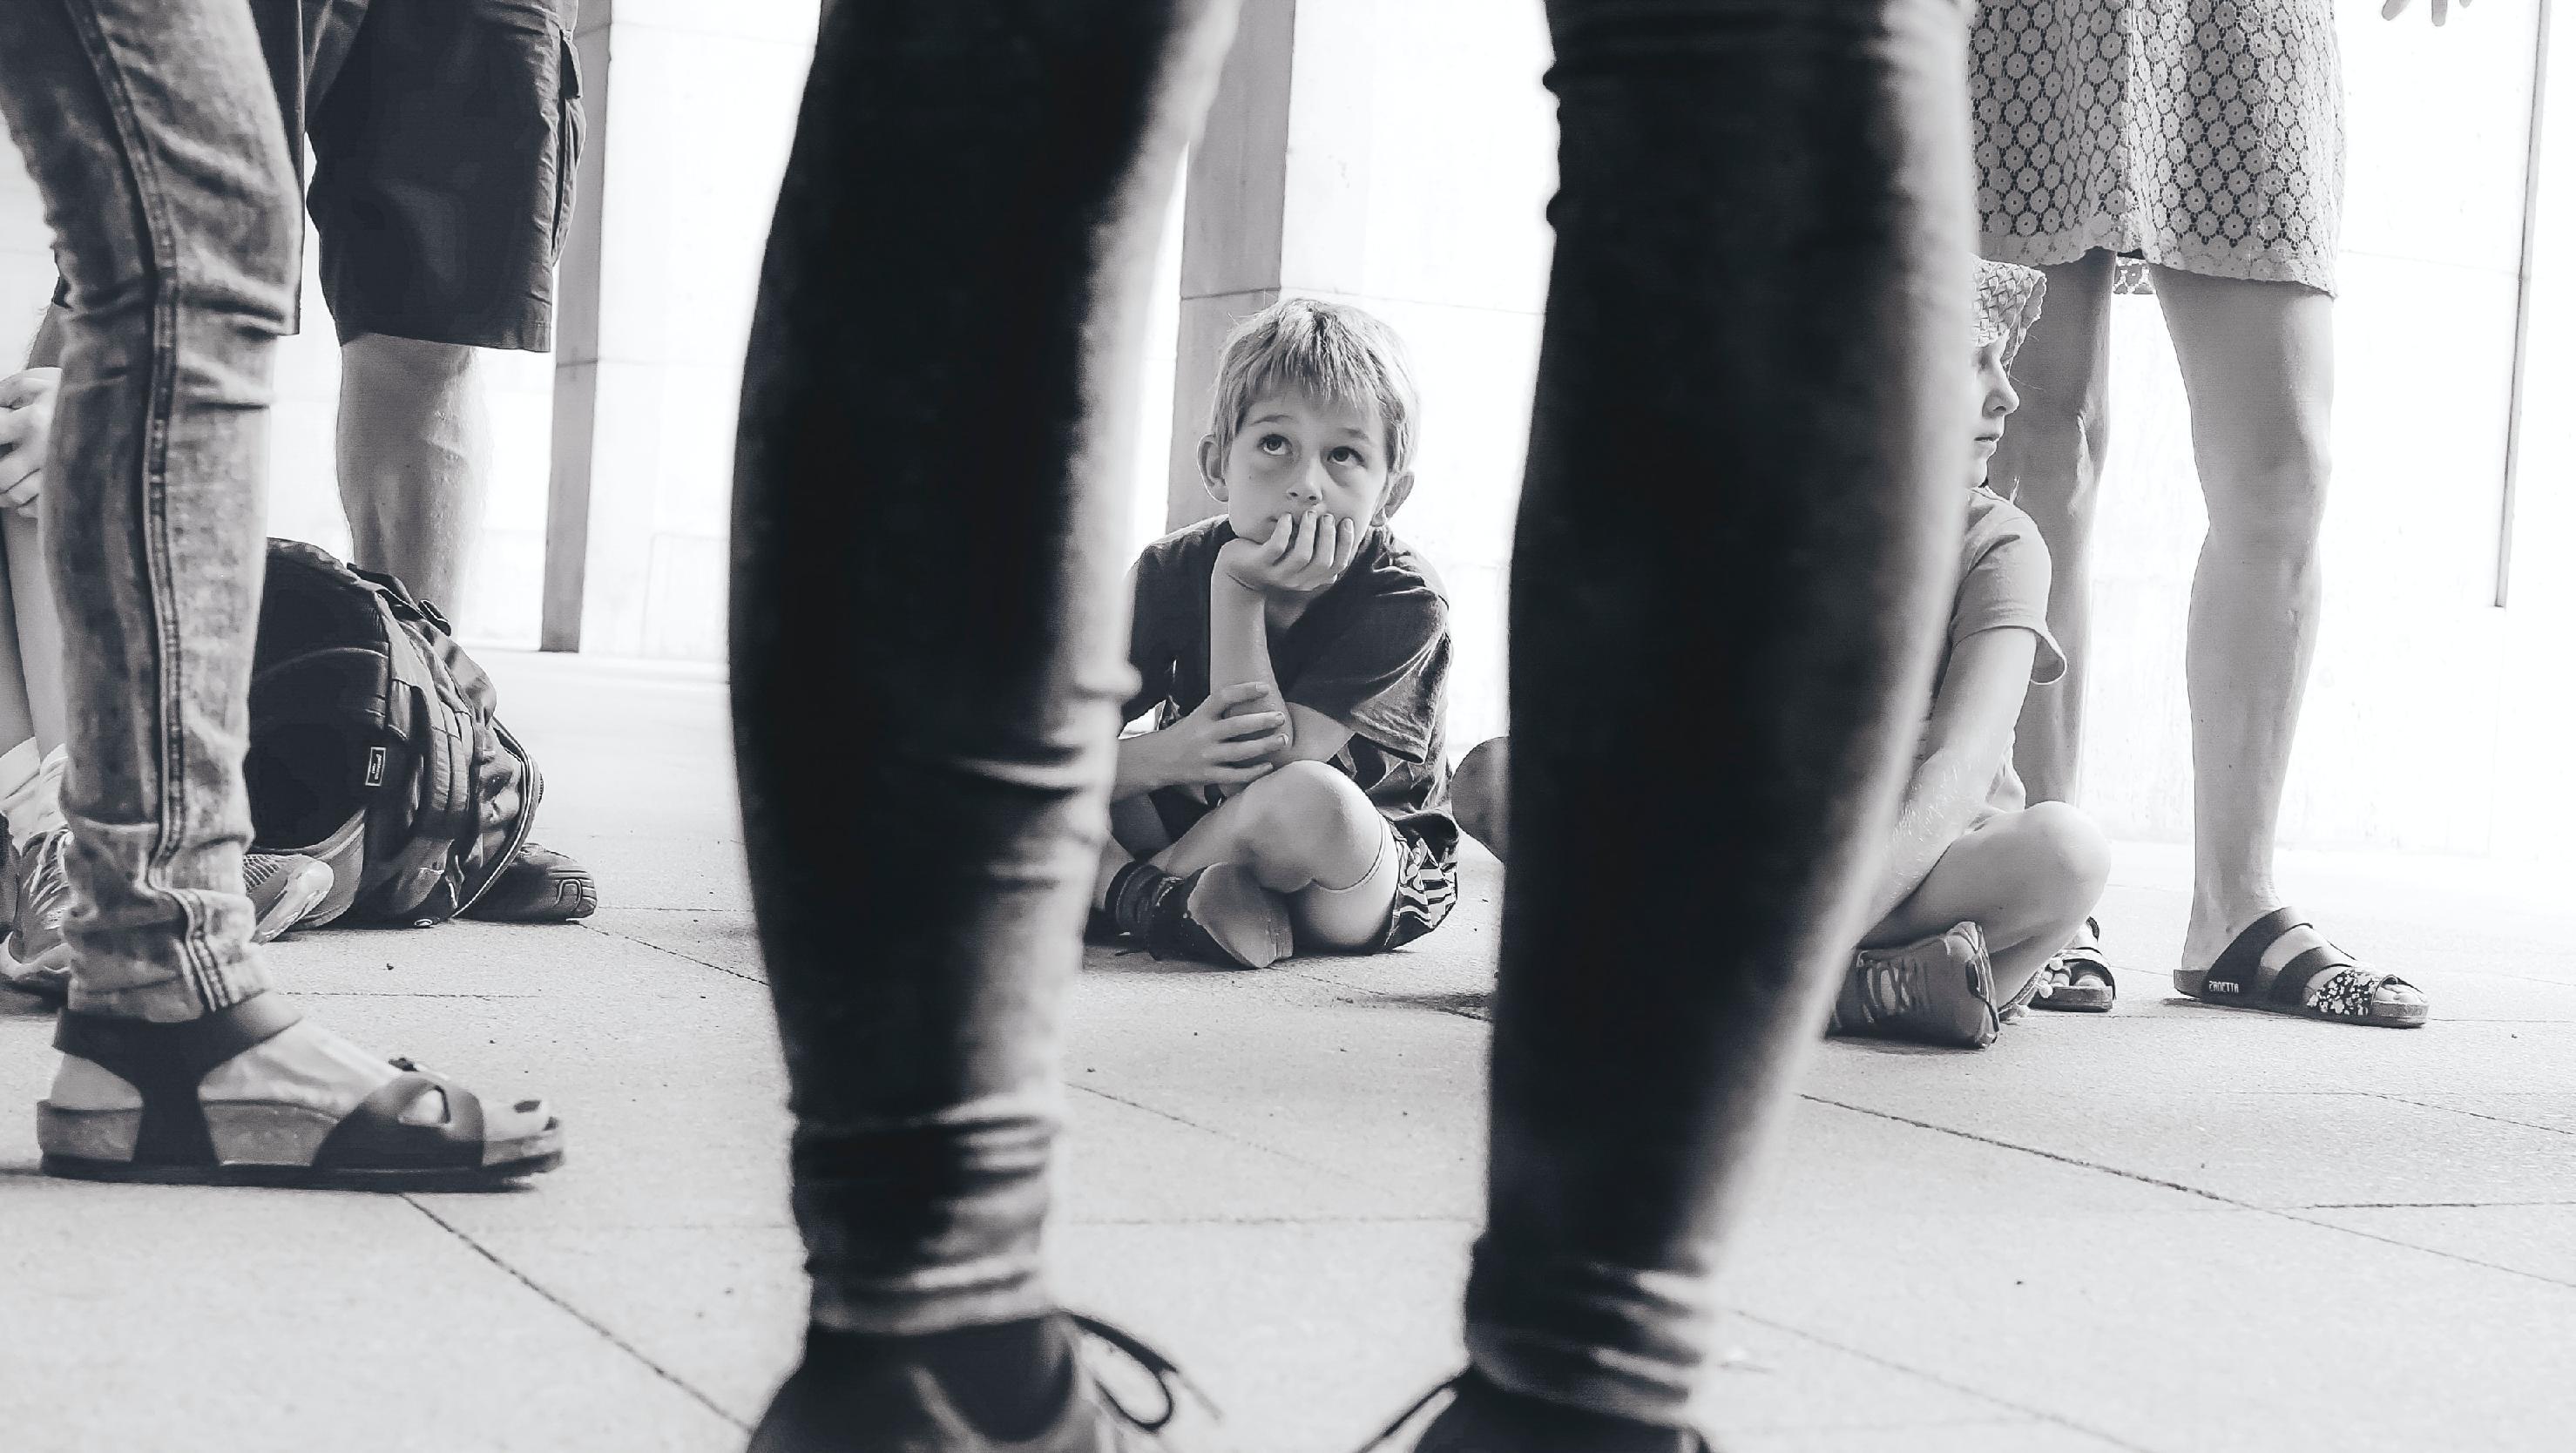 sitting kid amongst legs